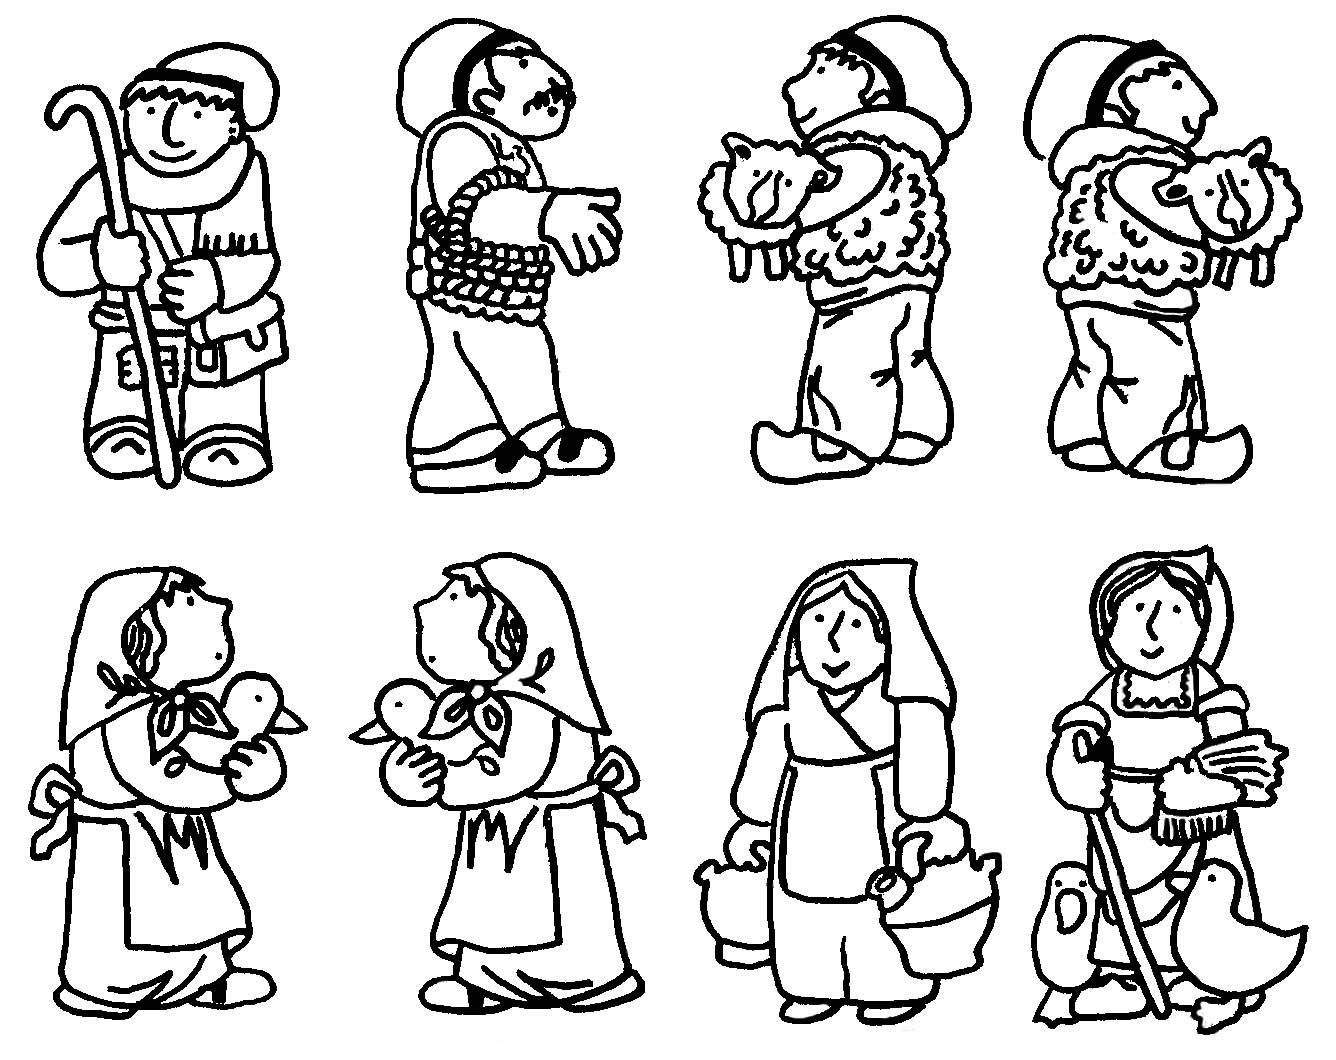 BAÚL DE NAVIDAD: Pesebre infantil para colorear y recortar